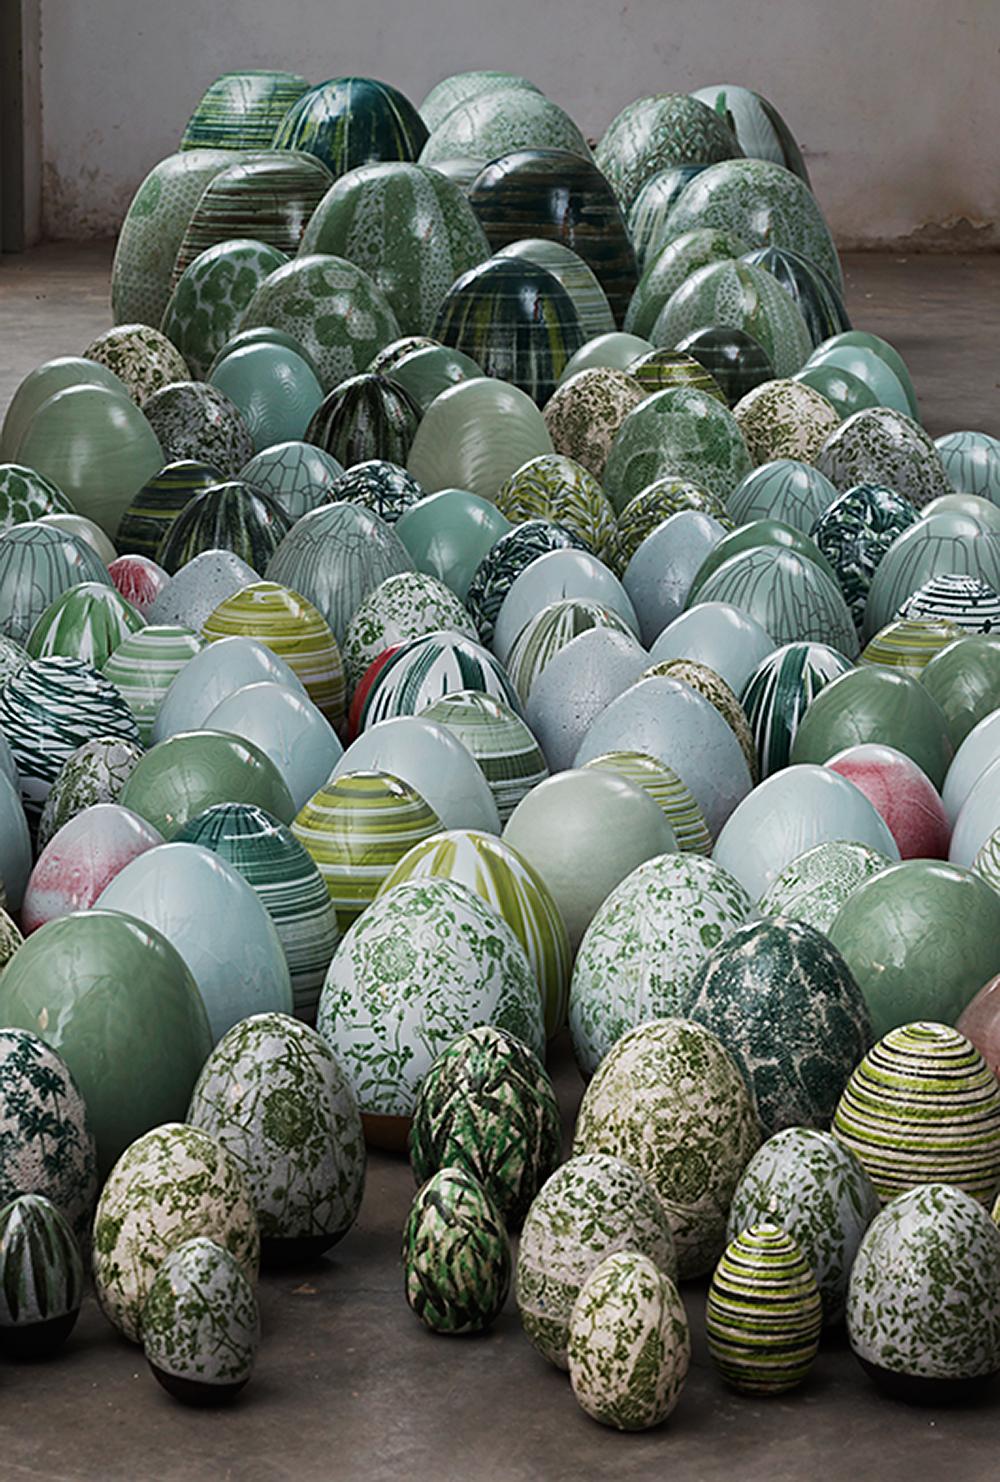 עשרות ביצים בגווני ירוק וטורקיז